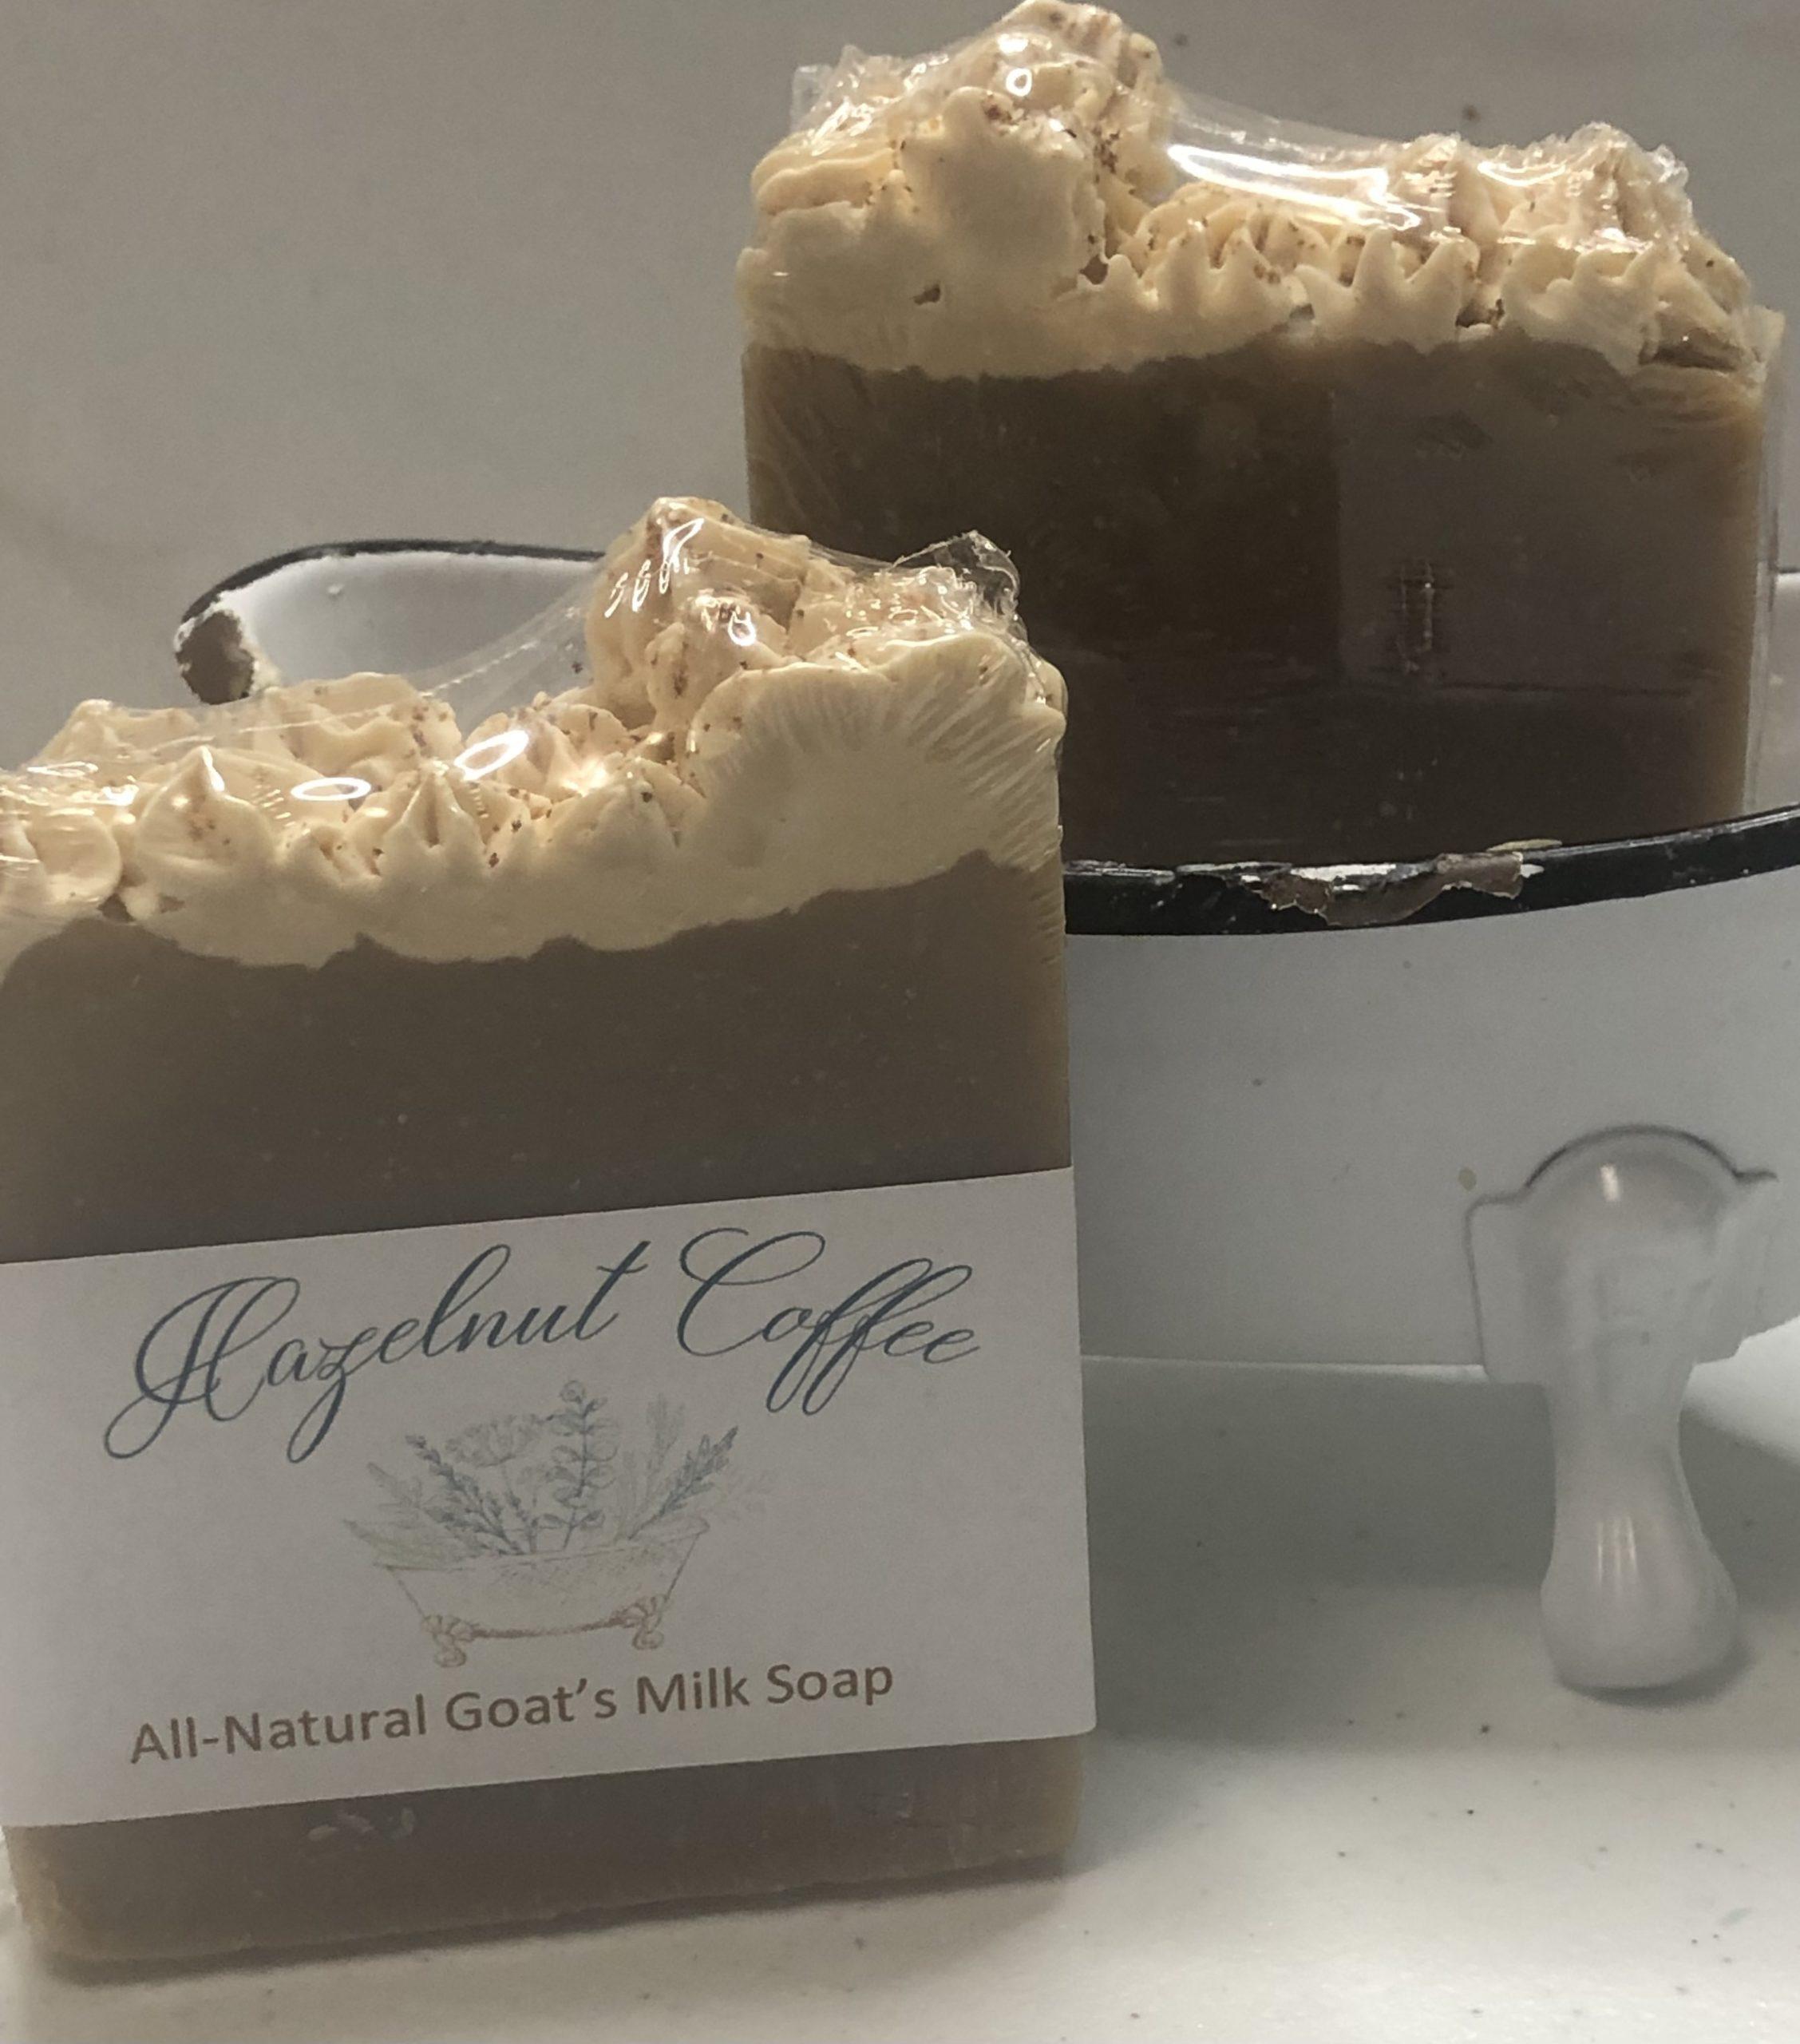 Hazelnut Coffee Soap